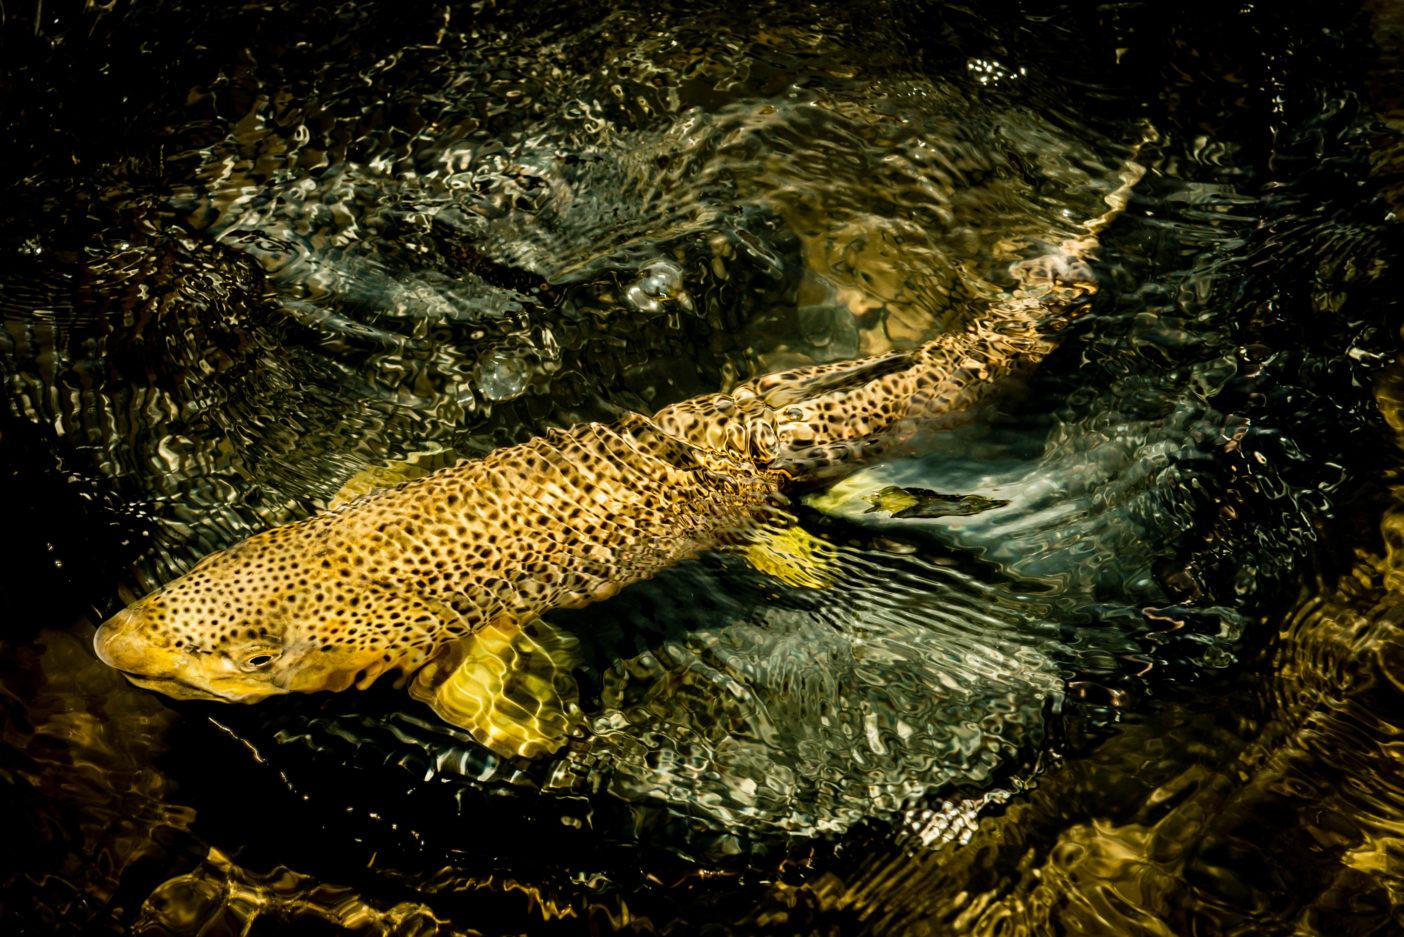 北米に生息するブラウントラウトは天然魚ではなく、ヨーロッパからの移植魚である。長い間イエローストーン周辺のローカル・フィッシング・ビジネスを支えてきた魚だというのに、近年ネイティブのグレーリングやカットスロートを追いやった犯人として悪役扱いされ始めている。真の黒幕は人間だというのに。 写真:阪東幸成